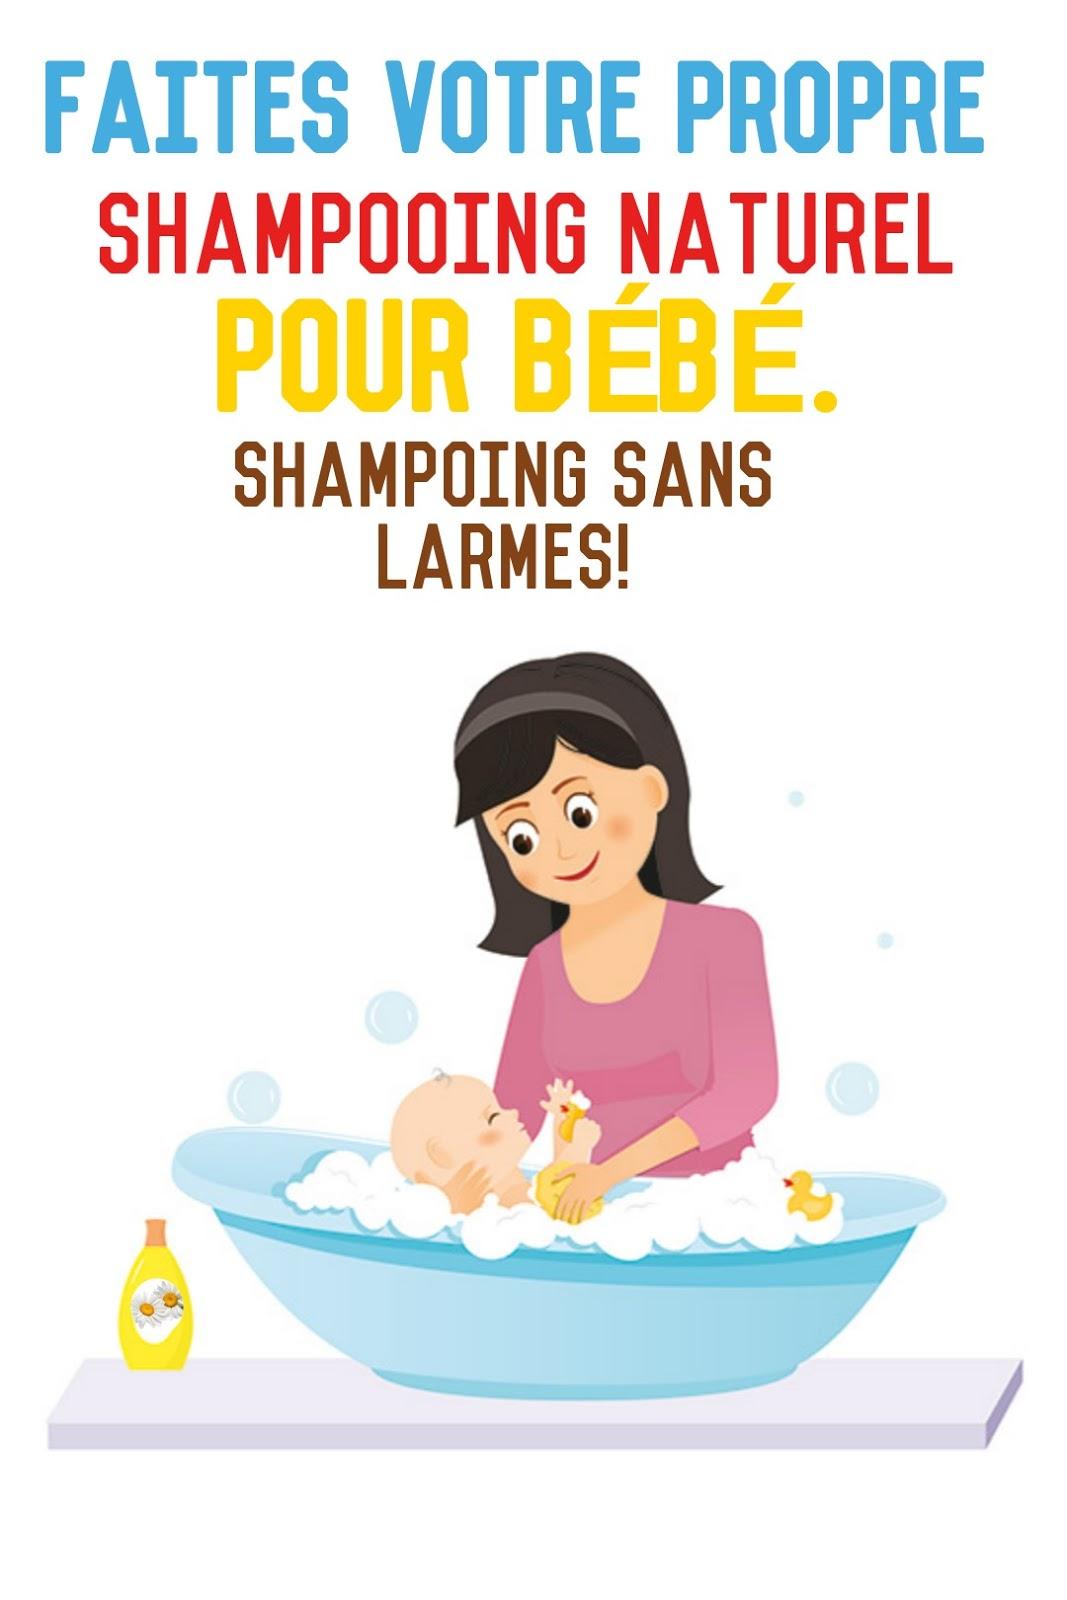 Faites votre propre shampooing naturel pour bébé. Shampoing sans larmes